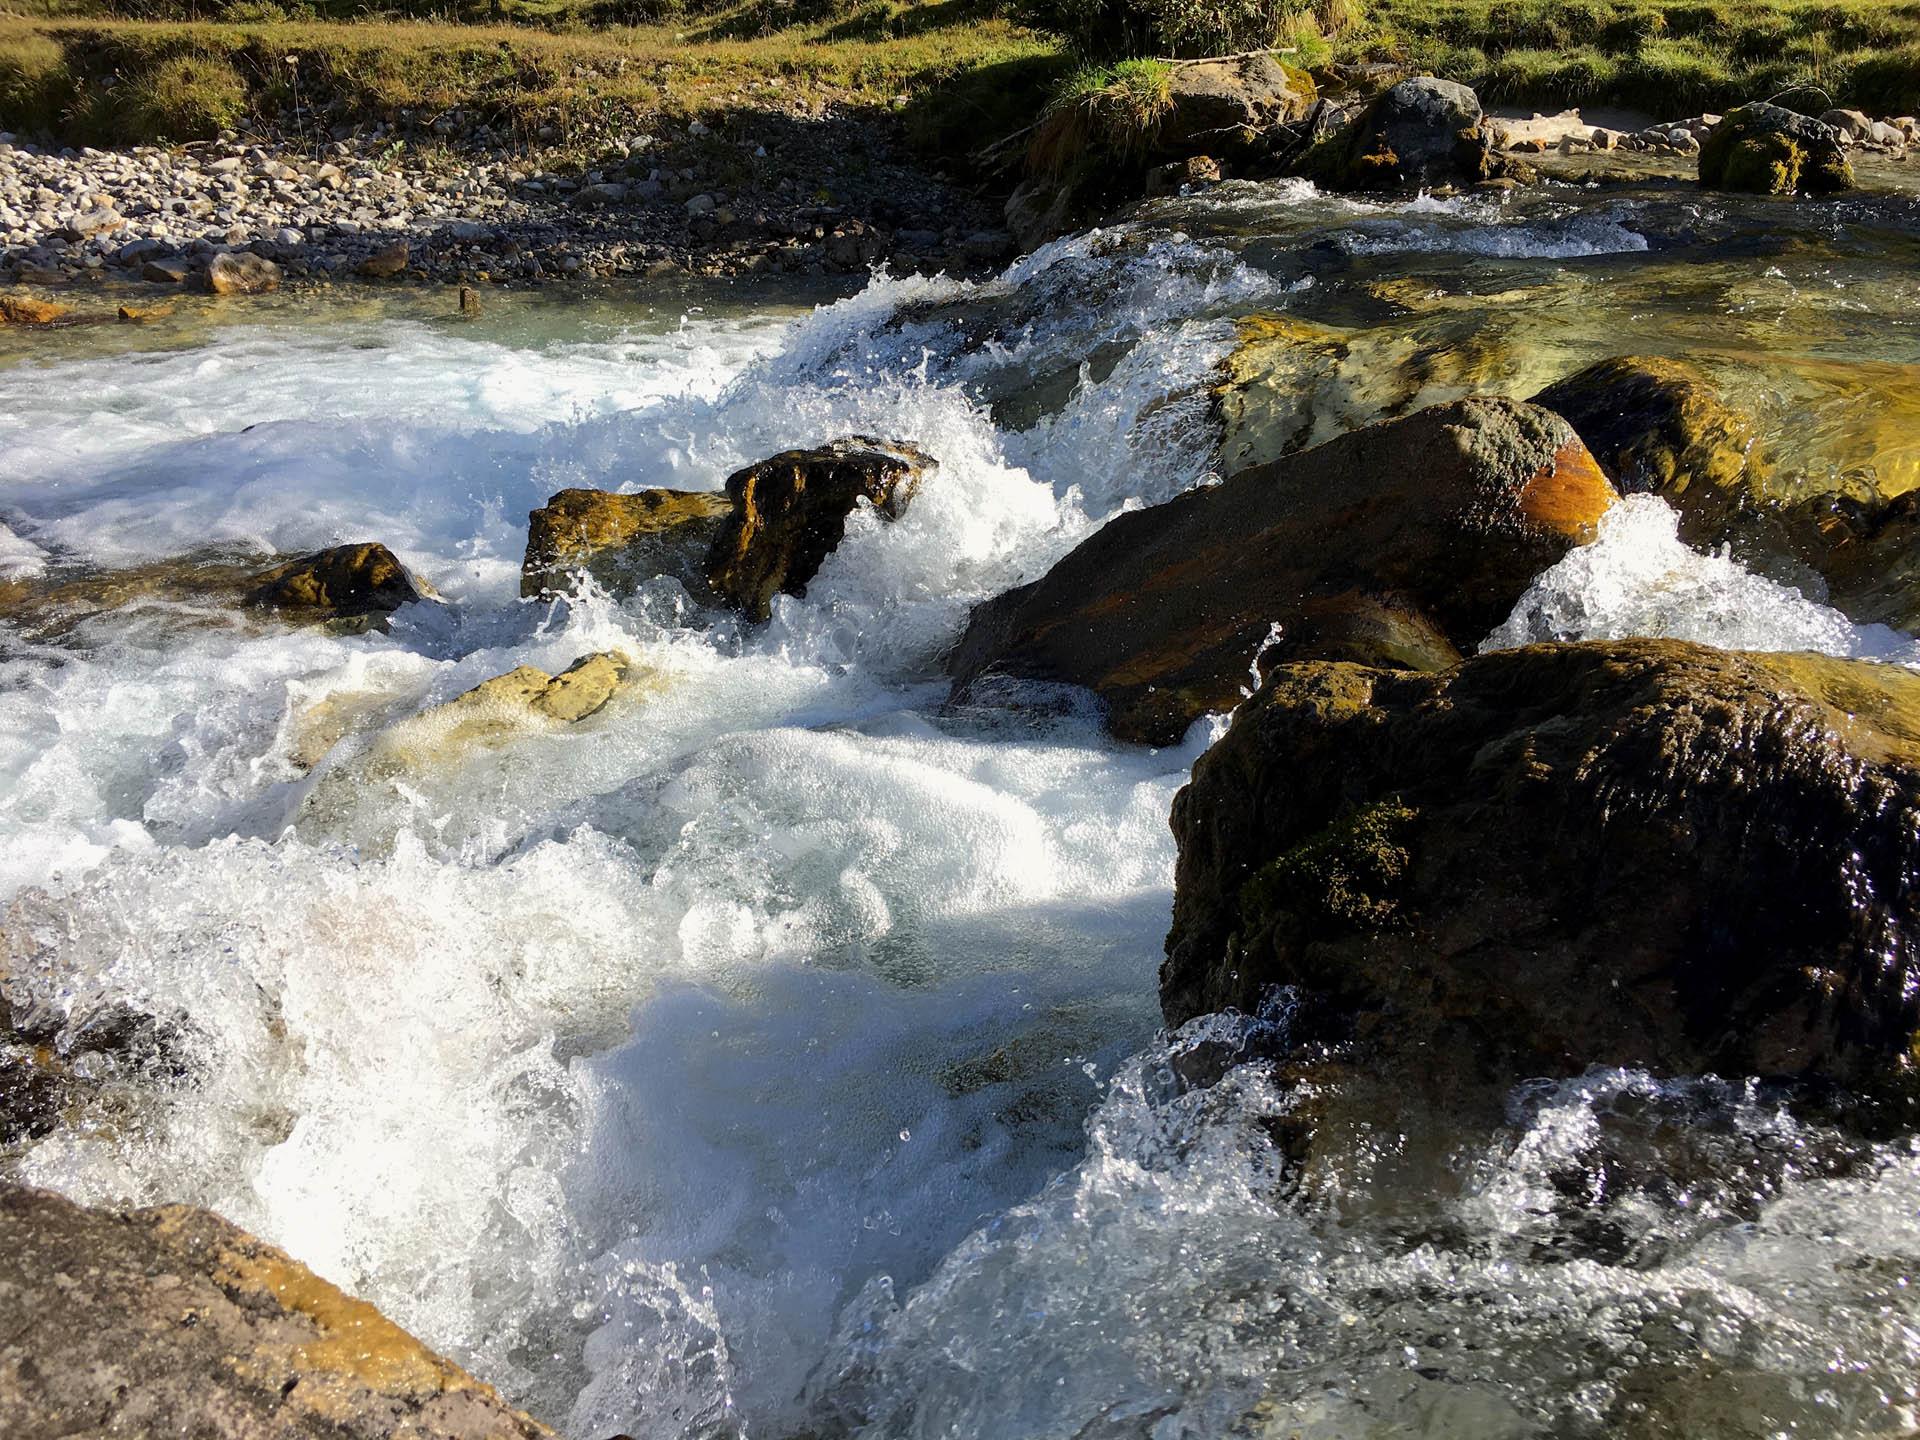 Hervorragendes Wasser aus den Tiefen der Berge - Auf den Spuren der Enns am Ennsradweg von Flachauwinkl nach Radstadt blogHuette.at image 9